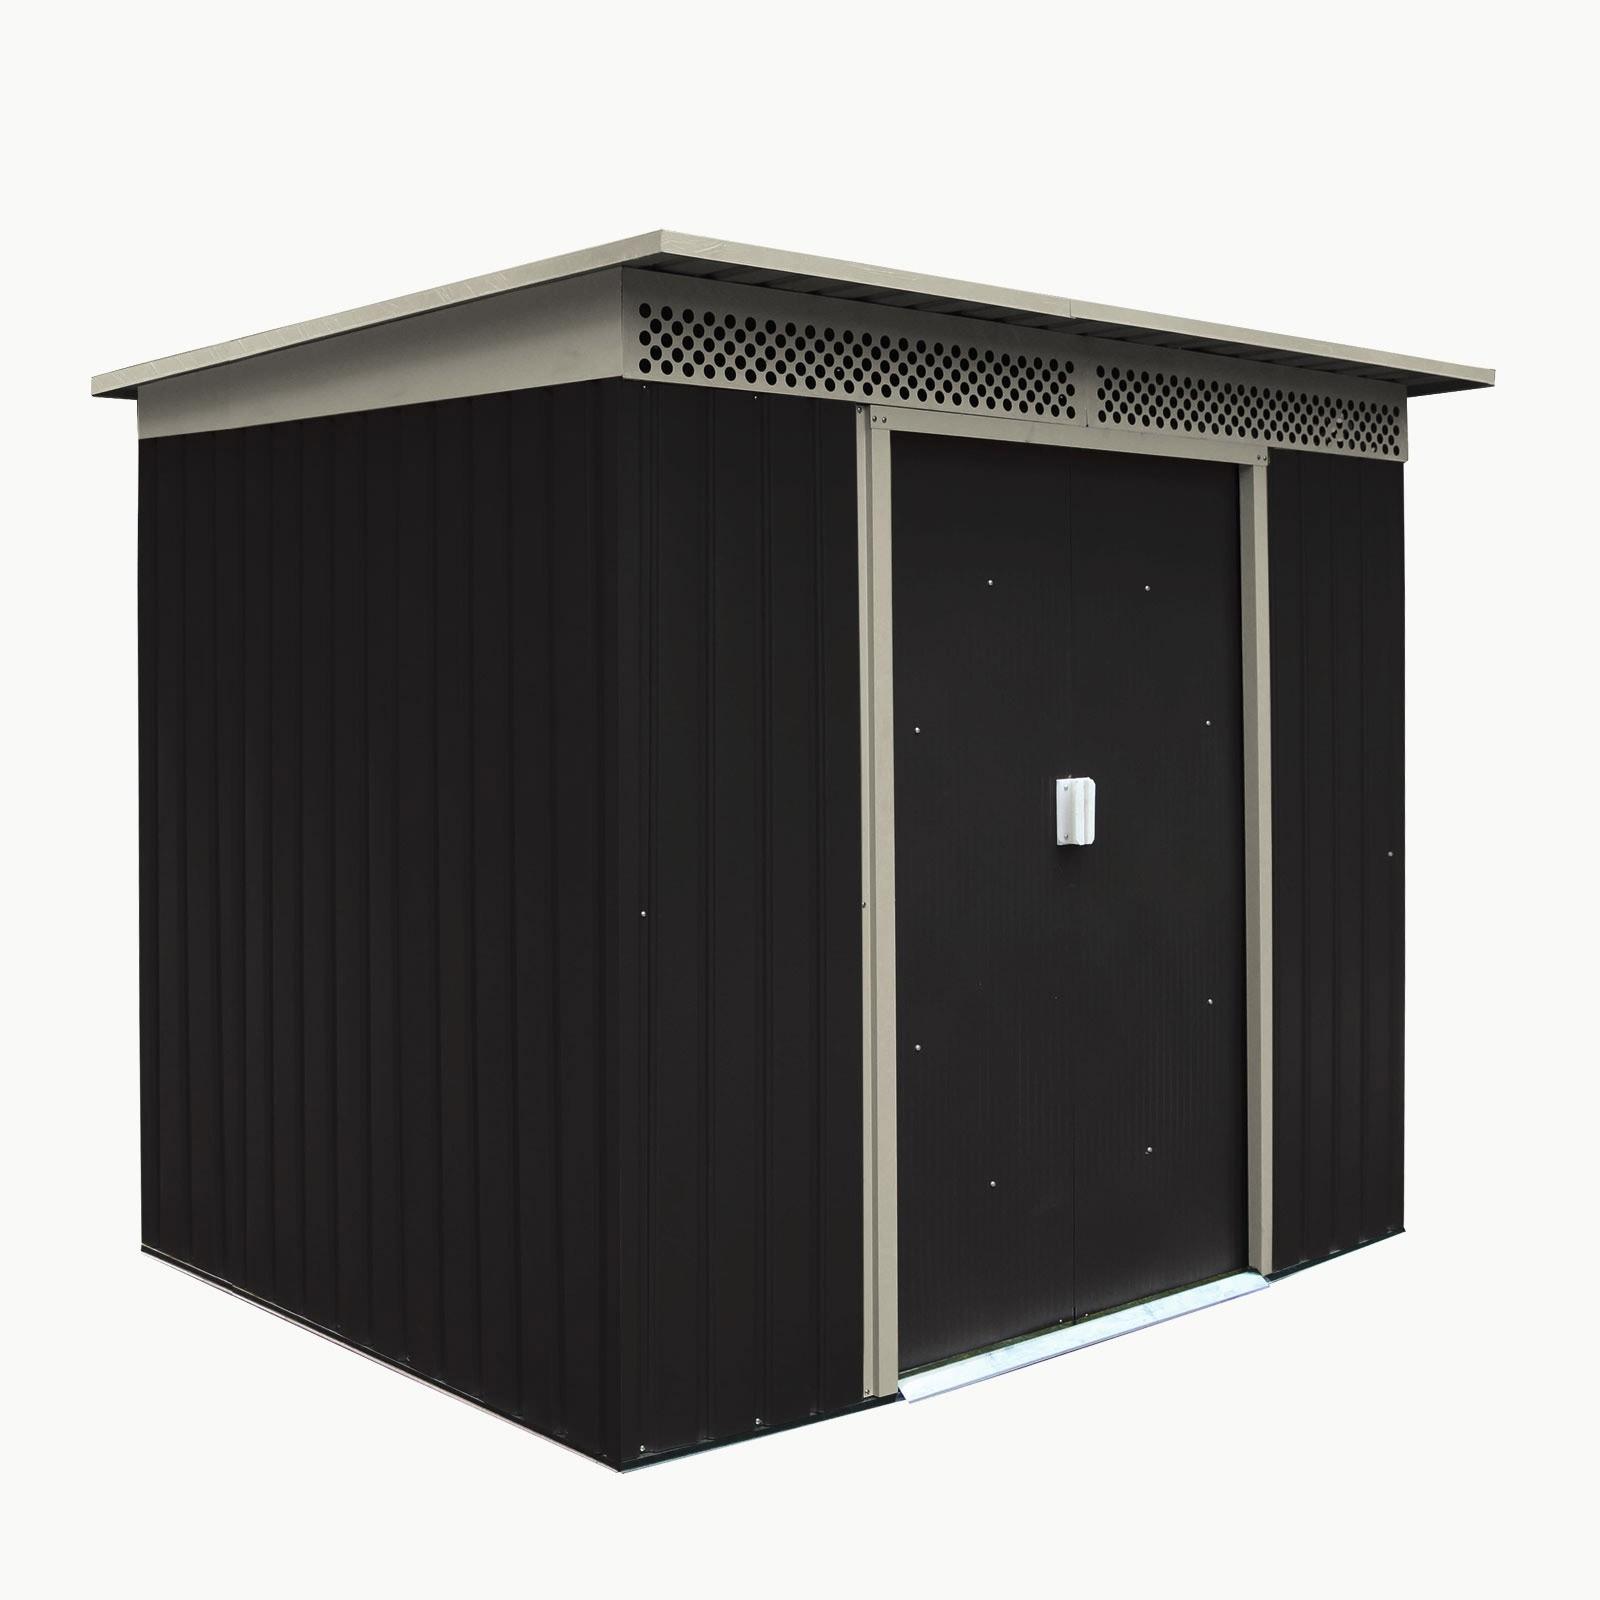 Dema Geräteschuppen Gerätehaus Schuppen Gartenhaus Dublin Metall 4,8 qm Anthrazit 47083